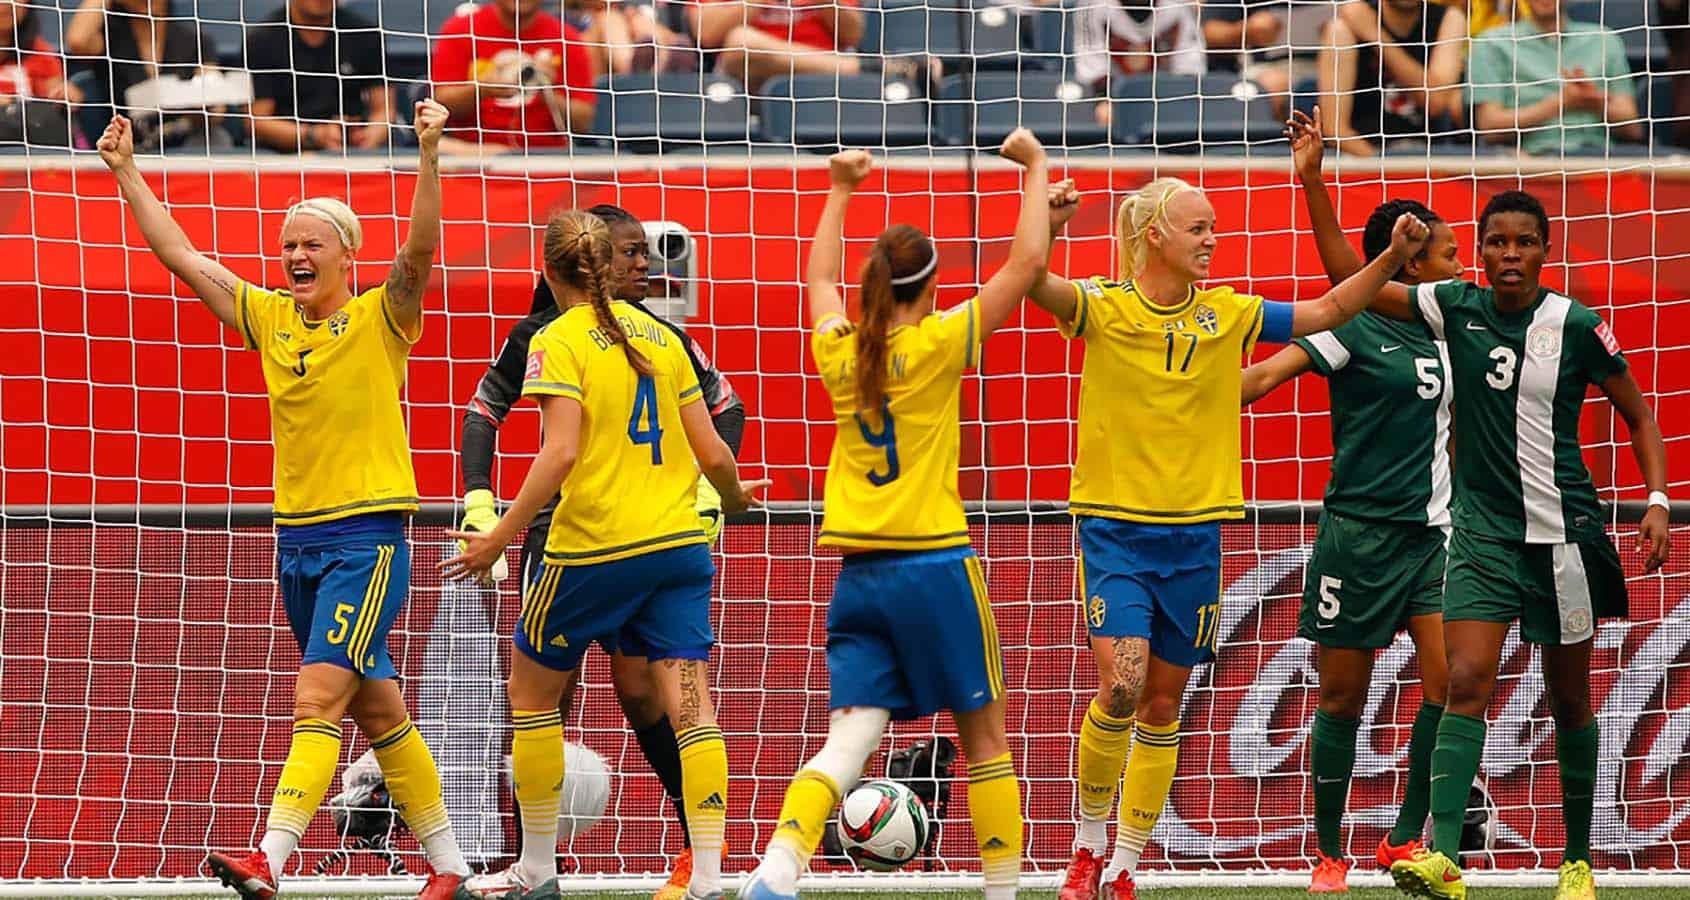 Fotbolls-VM, Sverige